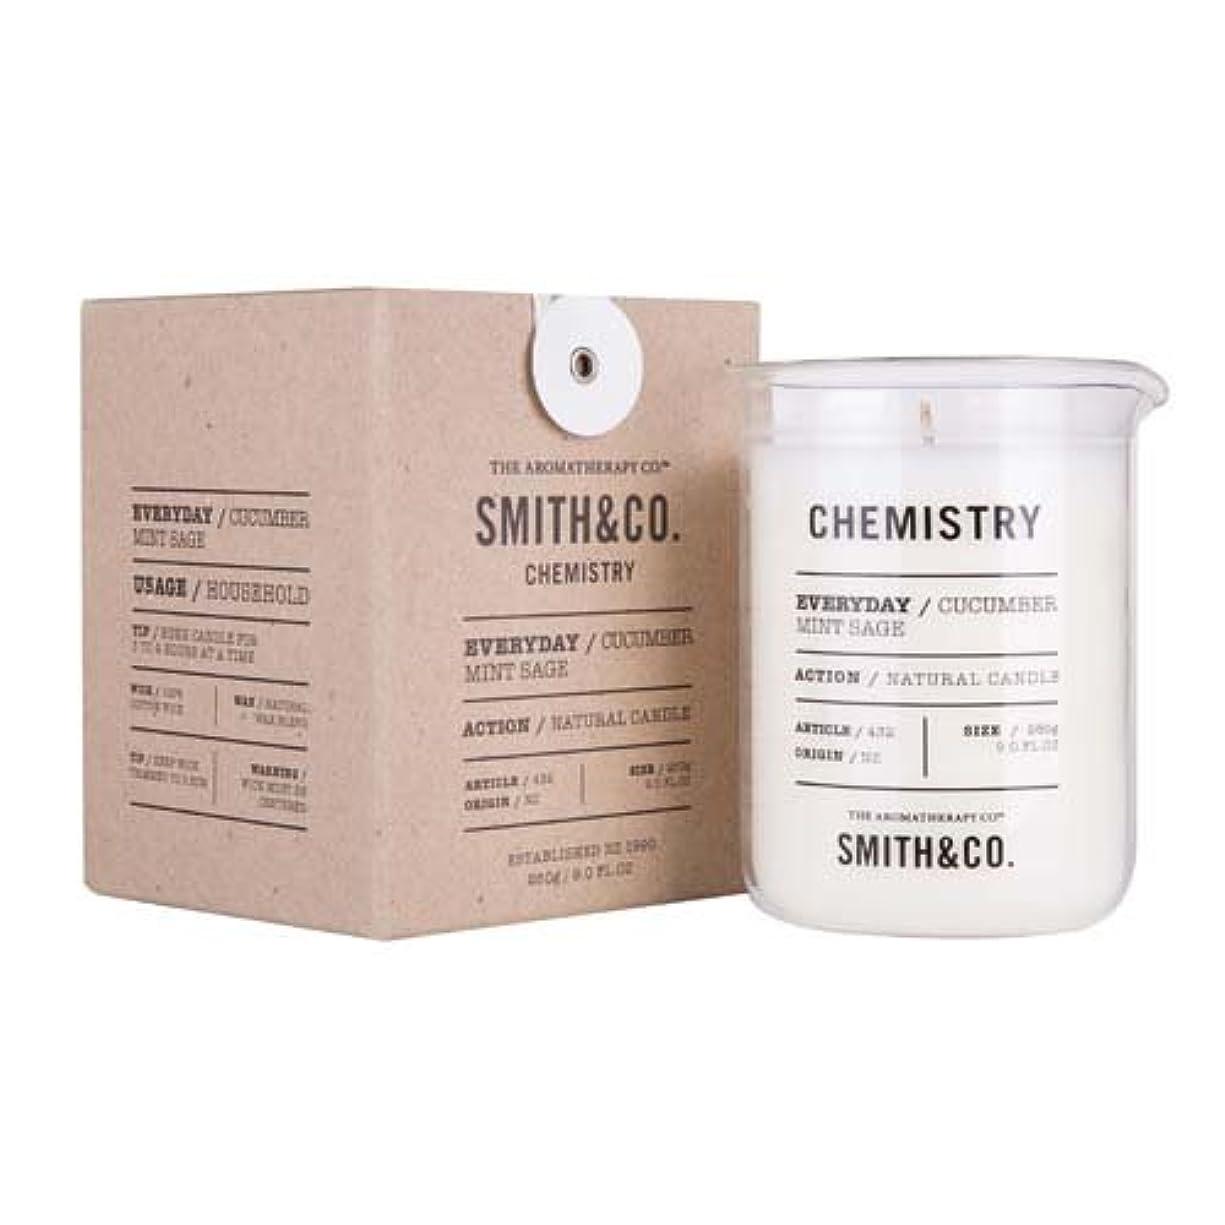 噴水ネクタイ孤児Smith&Co. Chemistry Candle ケミストリーキャンドル Cucumber Mint Sage